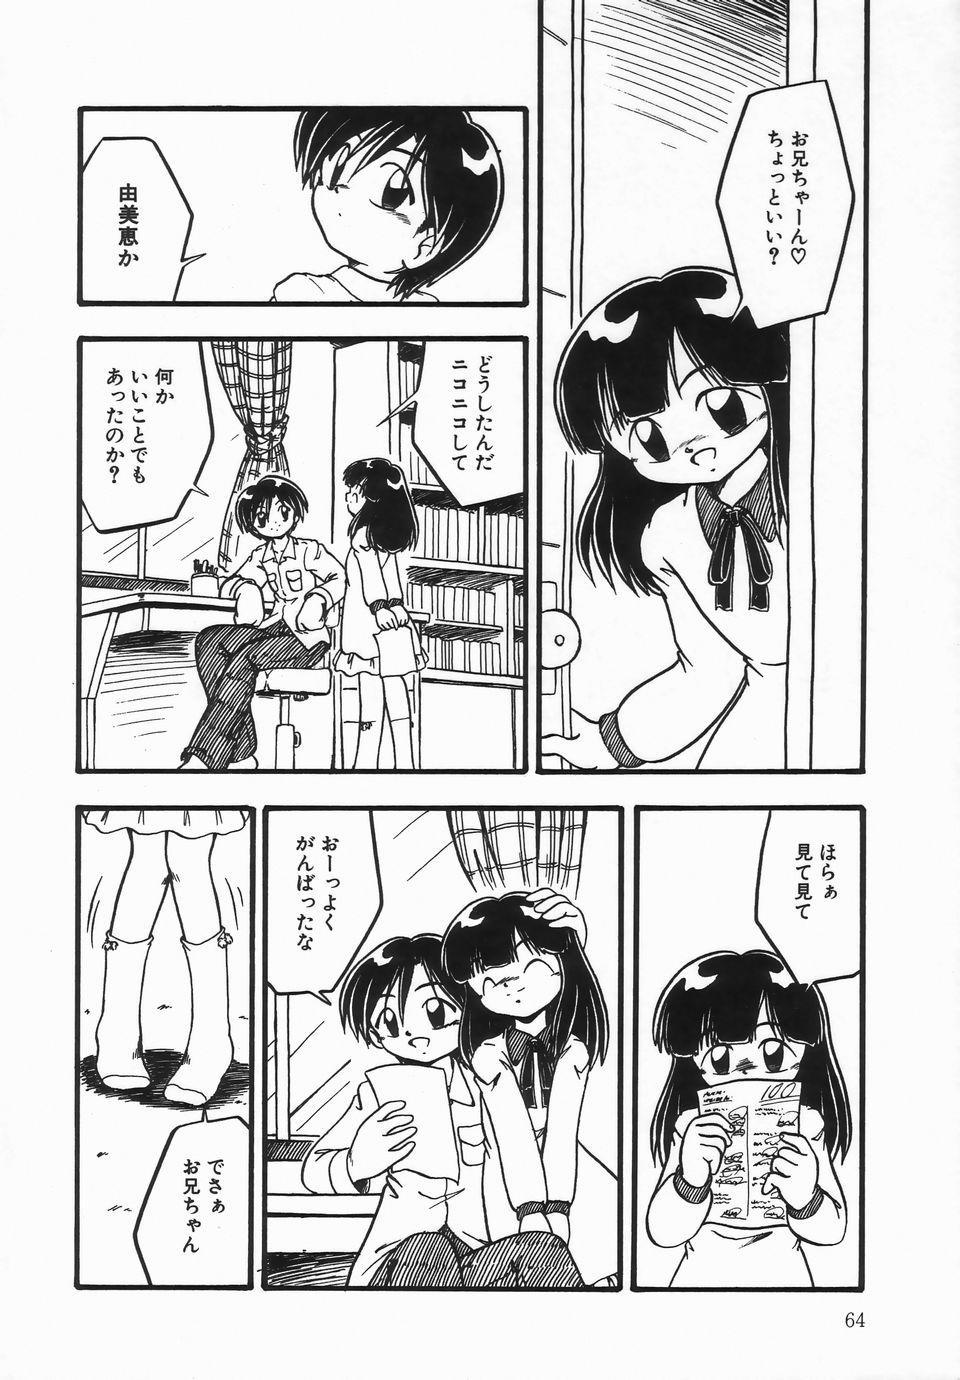 Kanchou Shoujo - Enema Girl 67